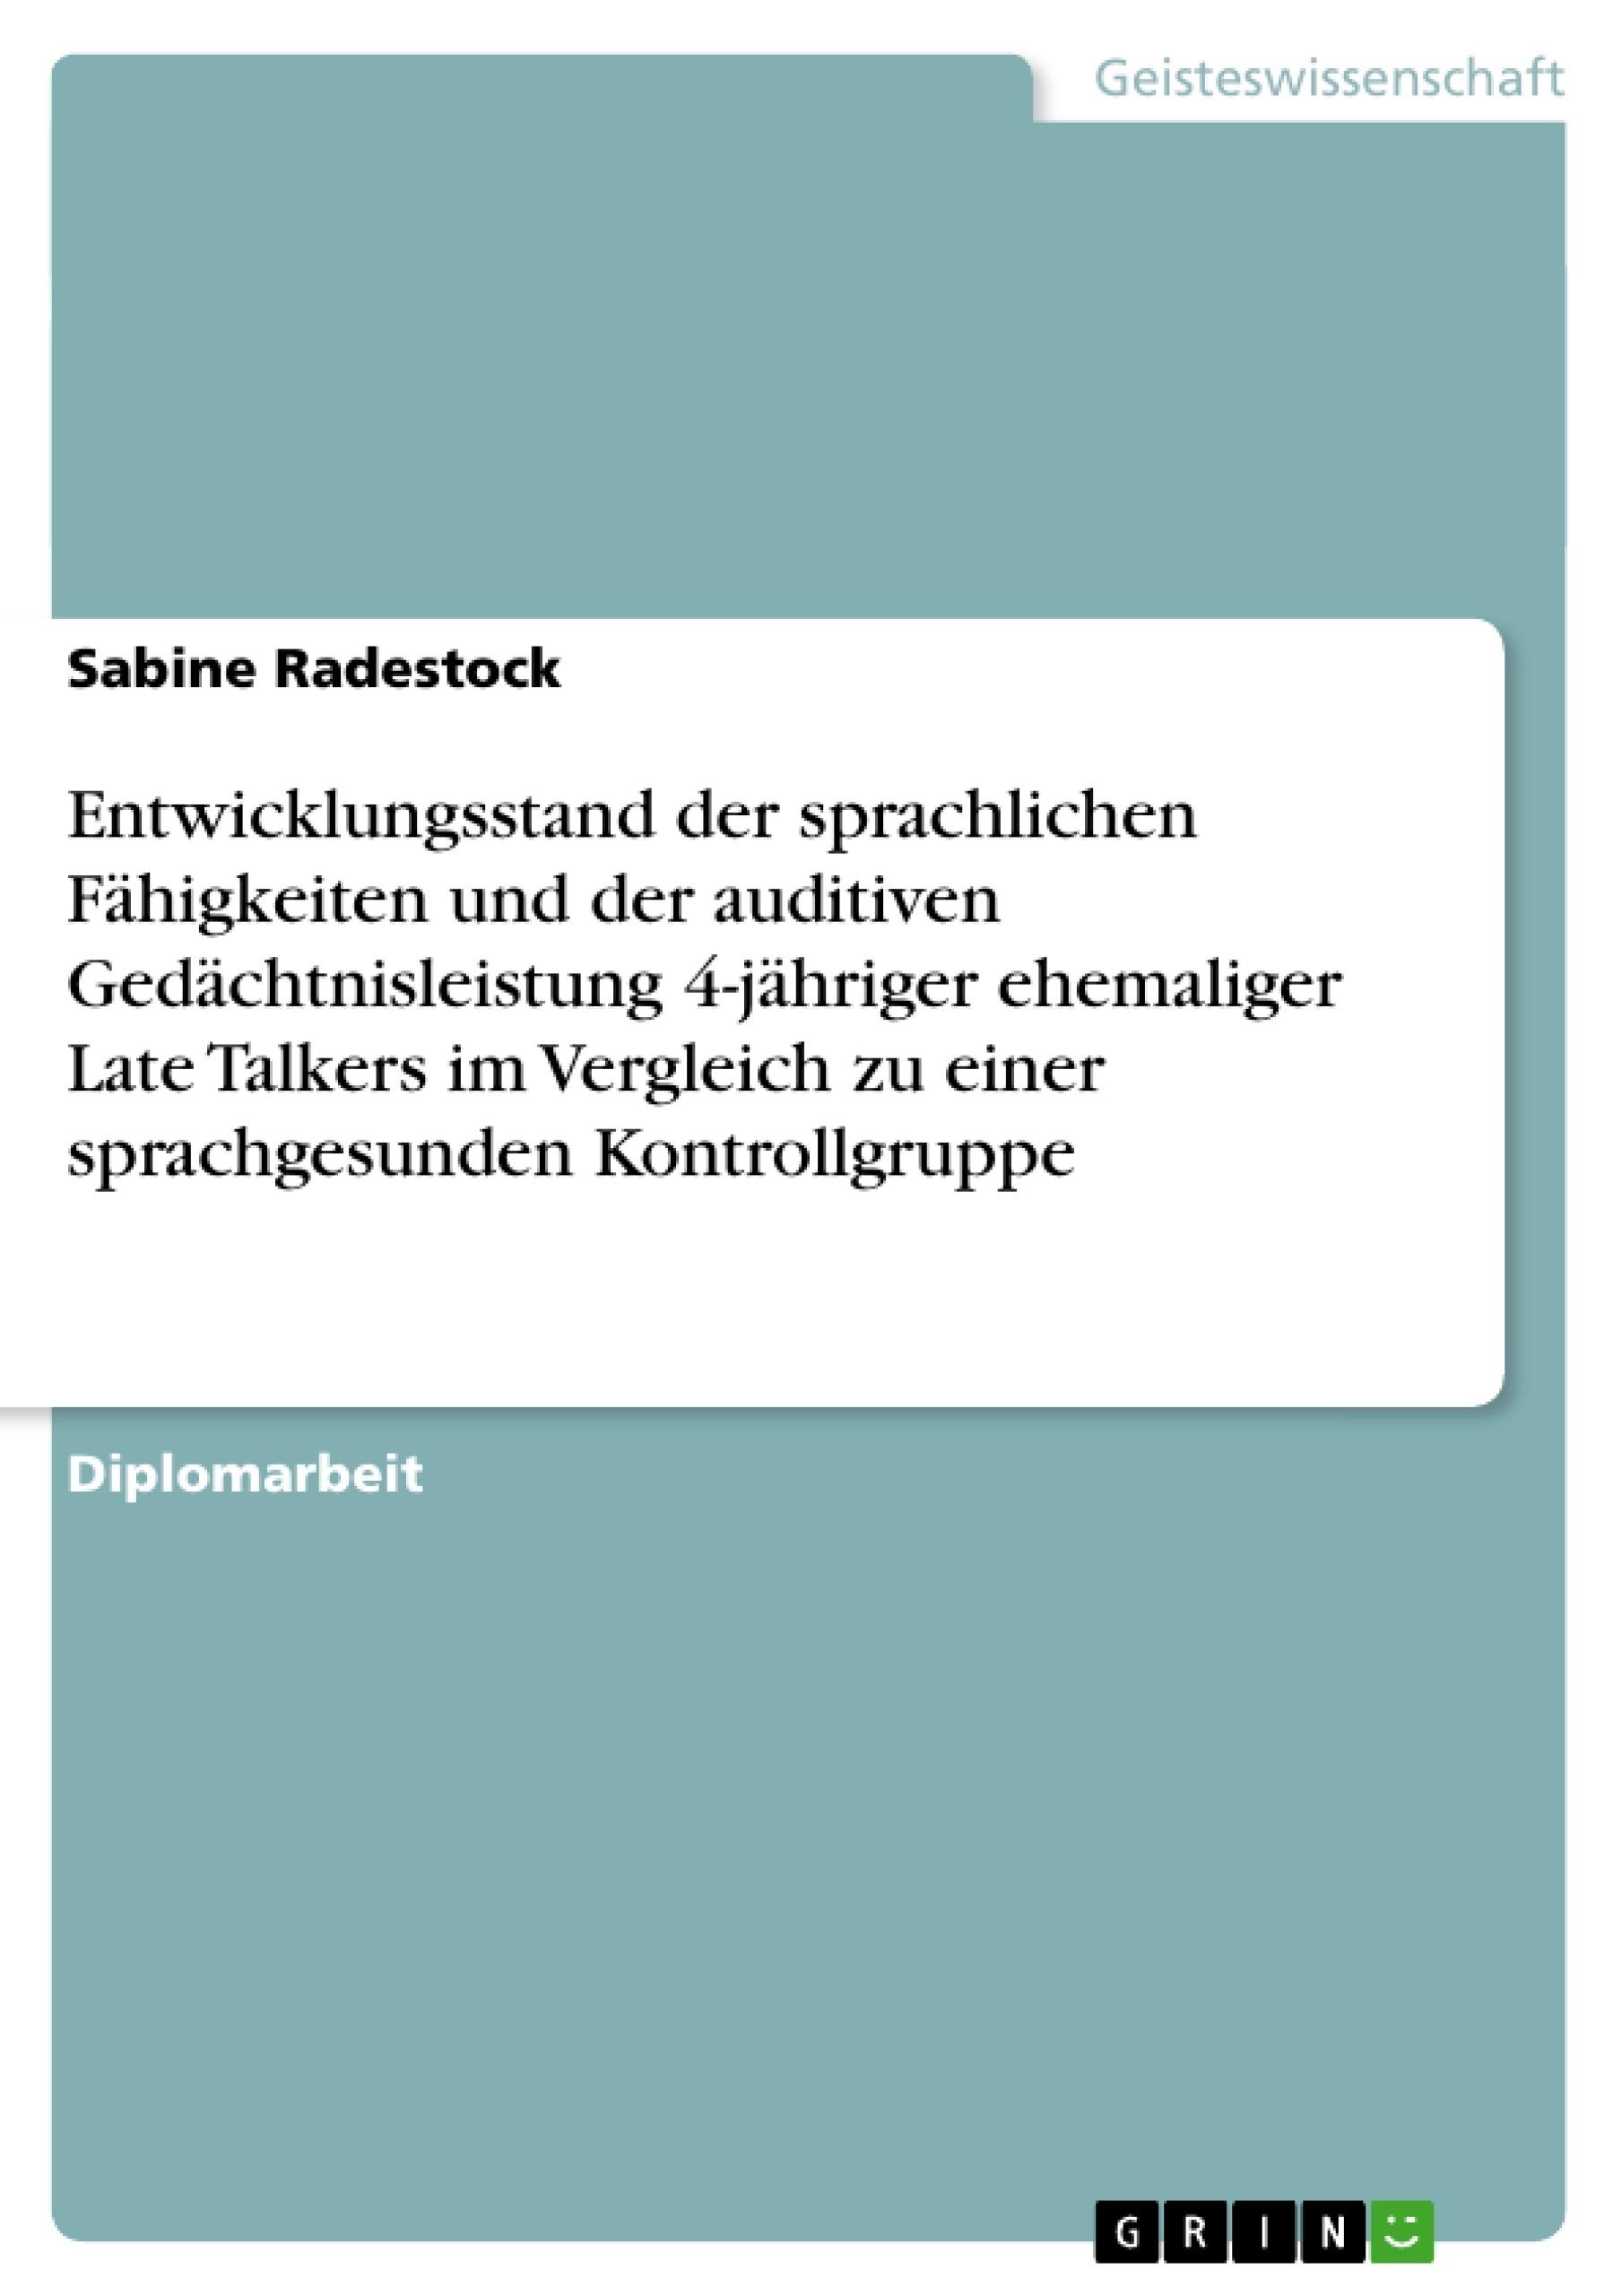 Titel: Entwicklungsstand der sprachlichen Fähigkeiten und der auditiven Gedächtnisleistung 4-jähriger ehemaliger Late Talkers im Vergleich zu einer sprachgesunden Kontrollgruppe